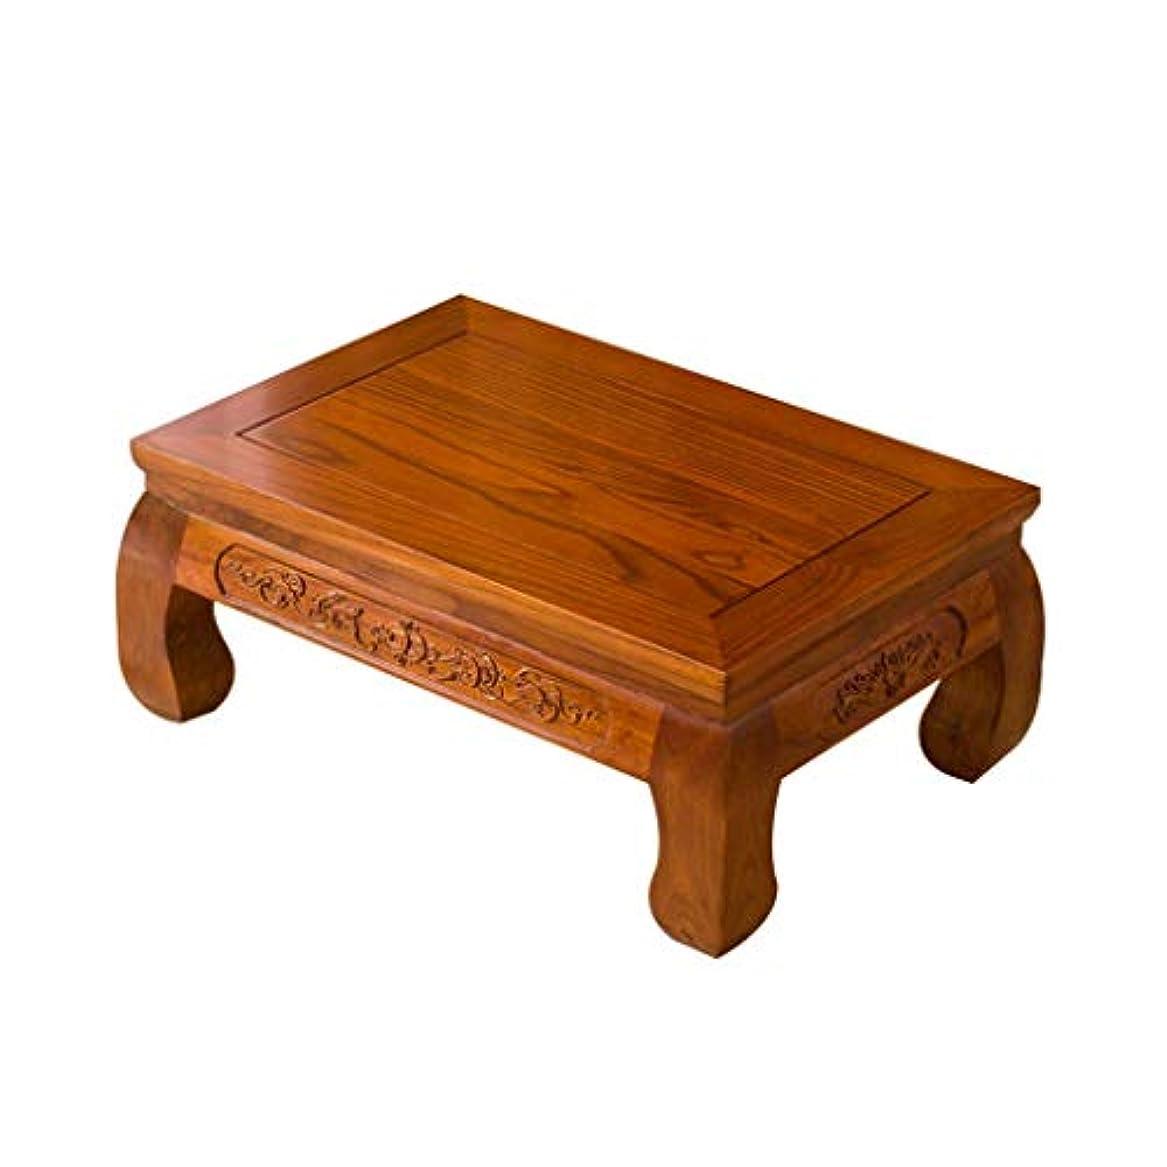 迷彩描写境界テーブル、携帯用小さいテーブル、寝室の居間のオフィス、等のために適した、机、ダイニングテーブル、コンピューターの机、小さいコーヒーテーブル,50*40*25cm